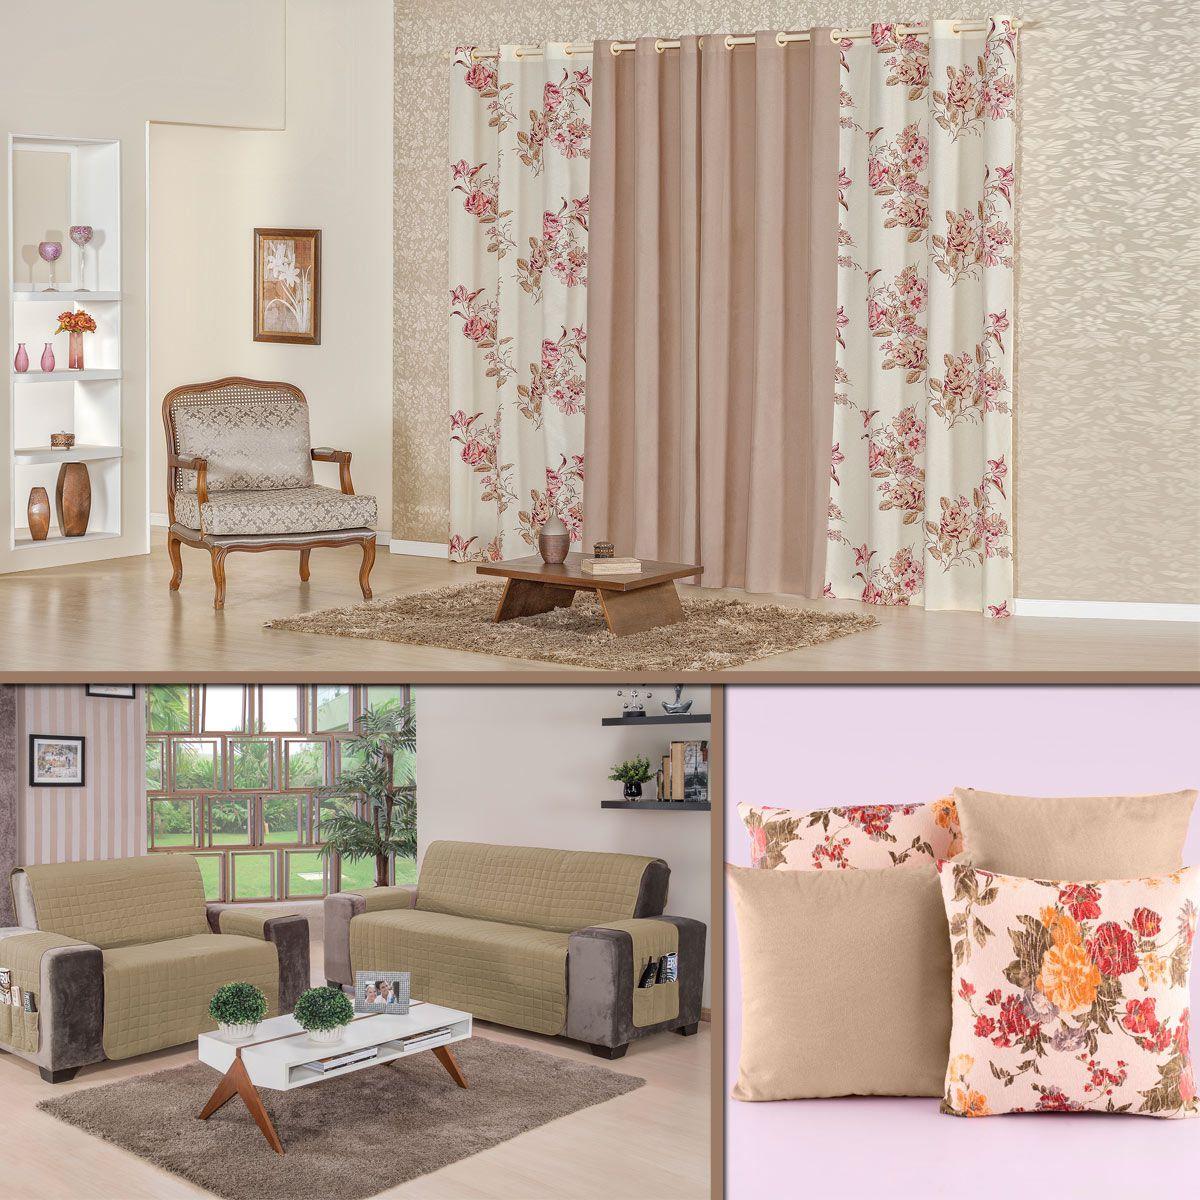 Kit Decoração p/ Sala Cortina + Protetor + Almofadas Caqui/Floral 07 Peças